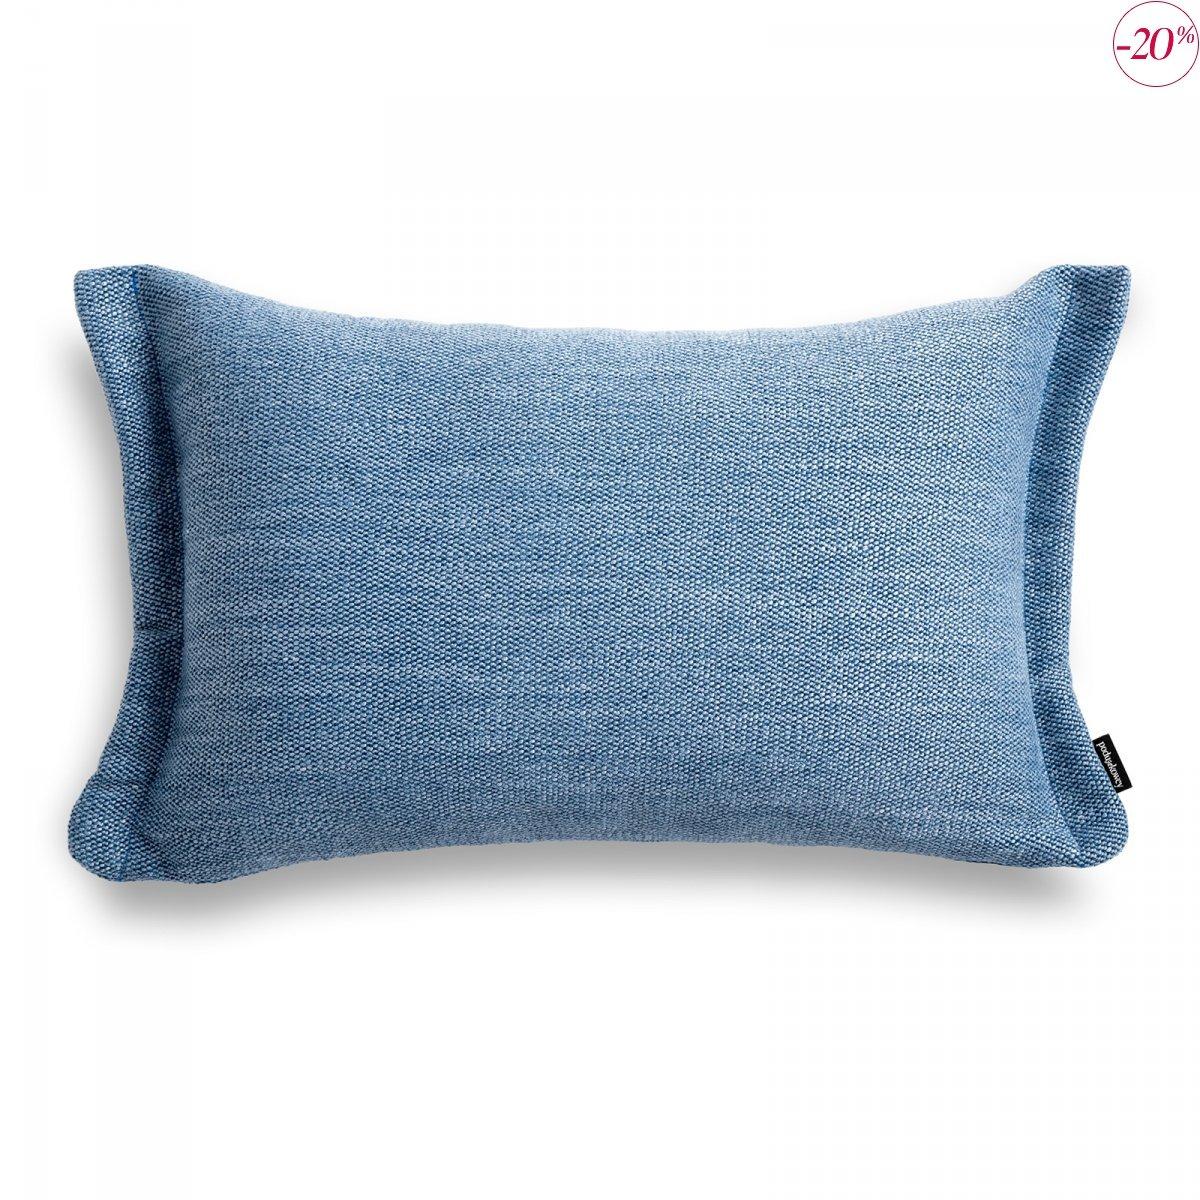 Fitto poduszka dekoracyjna 50x30 cm. błękitna